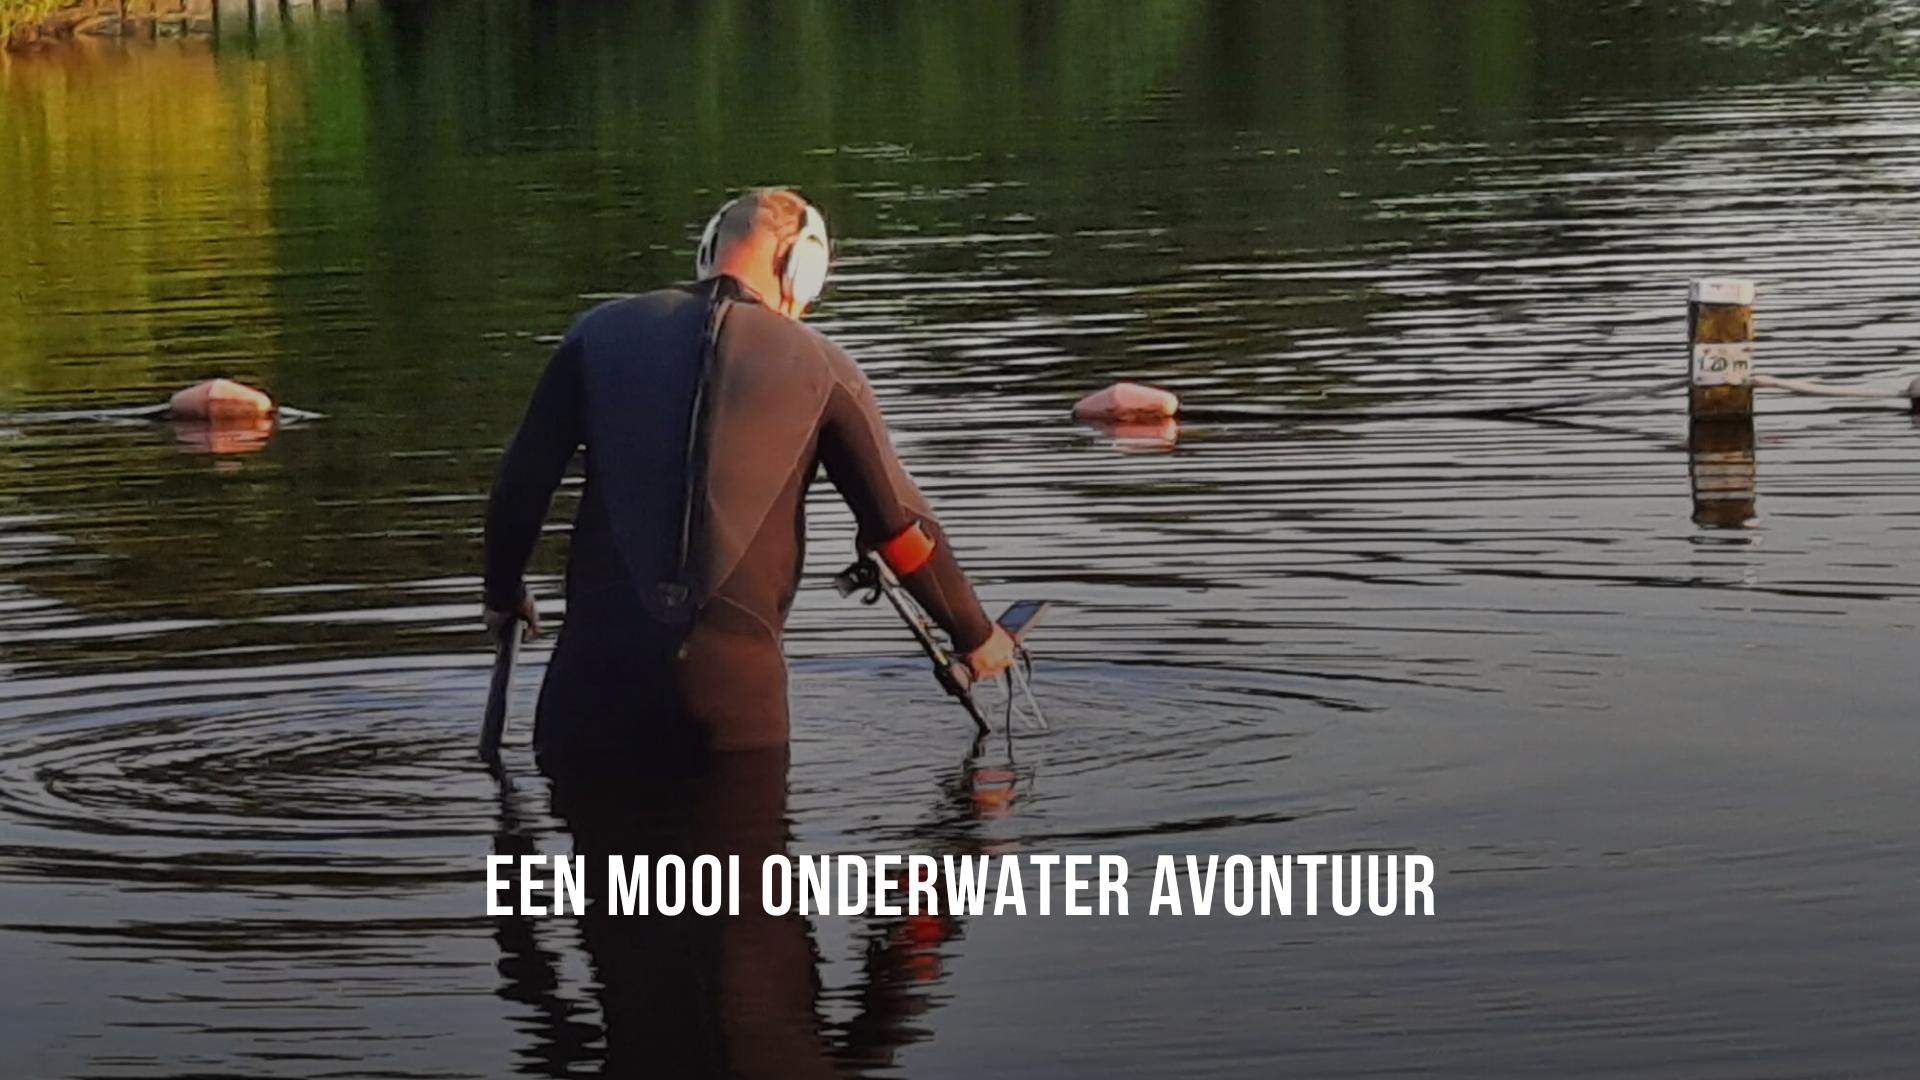 Een mooi onderwater avontuur